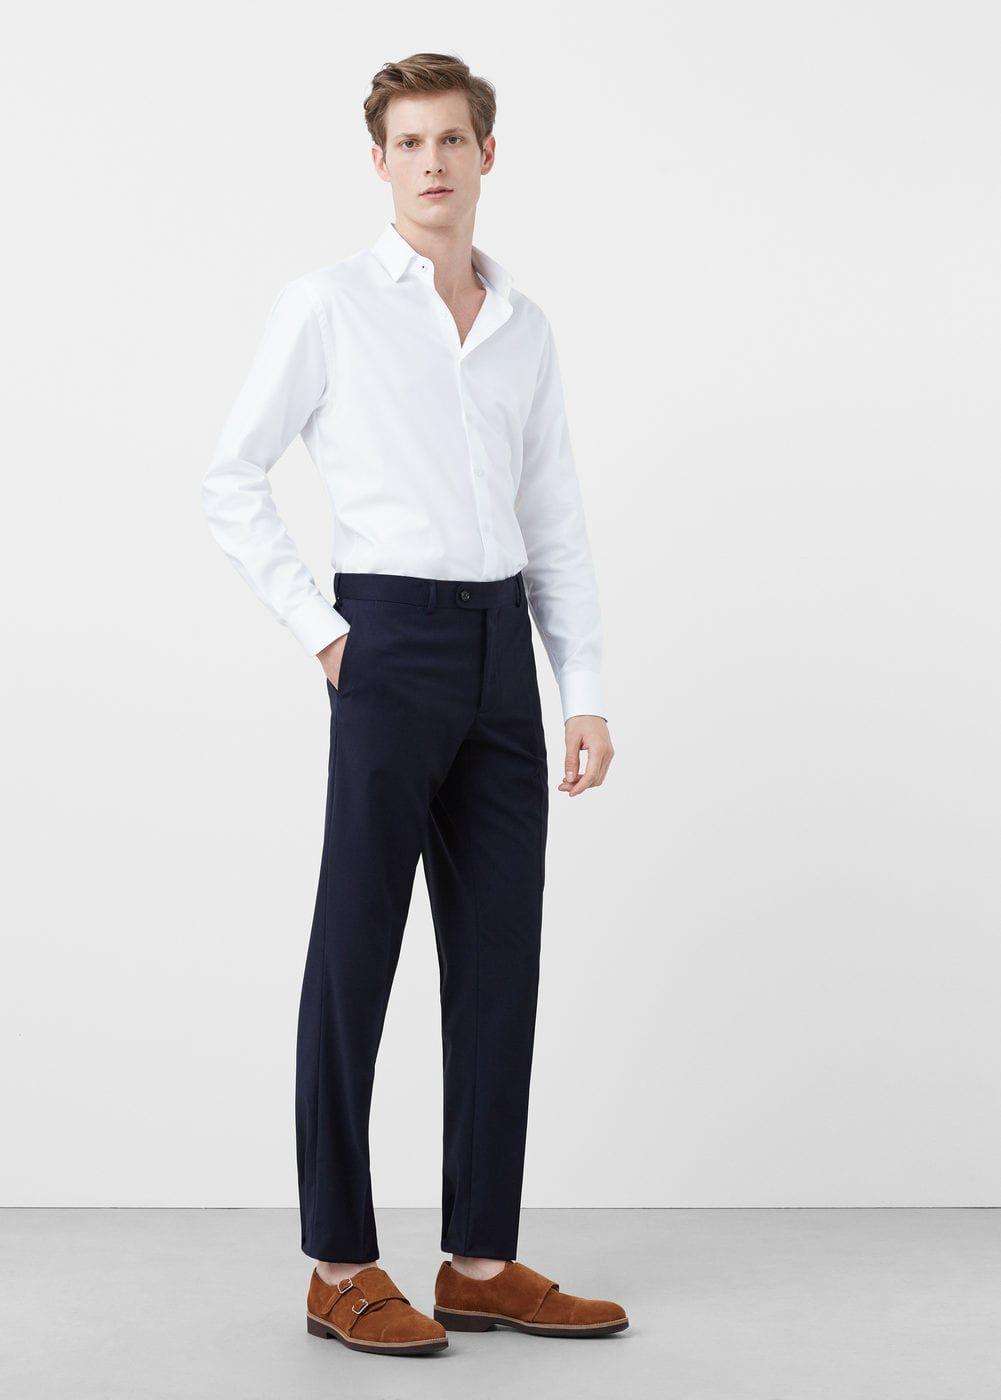 Pantalón traje slim-fit - Hombre  d3899829343